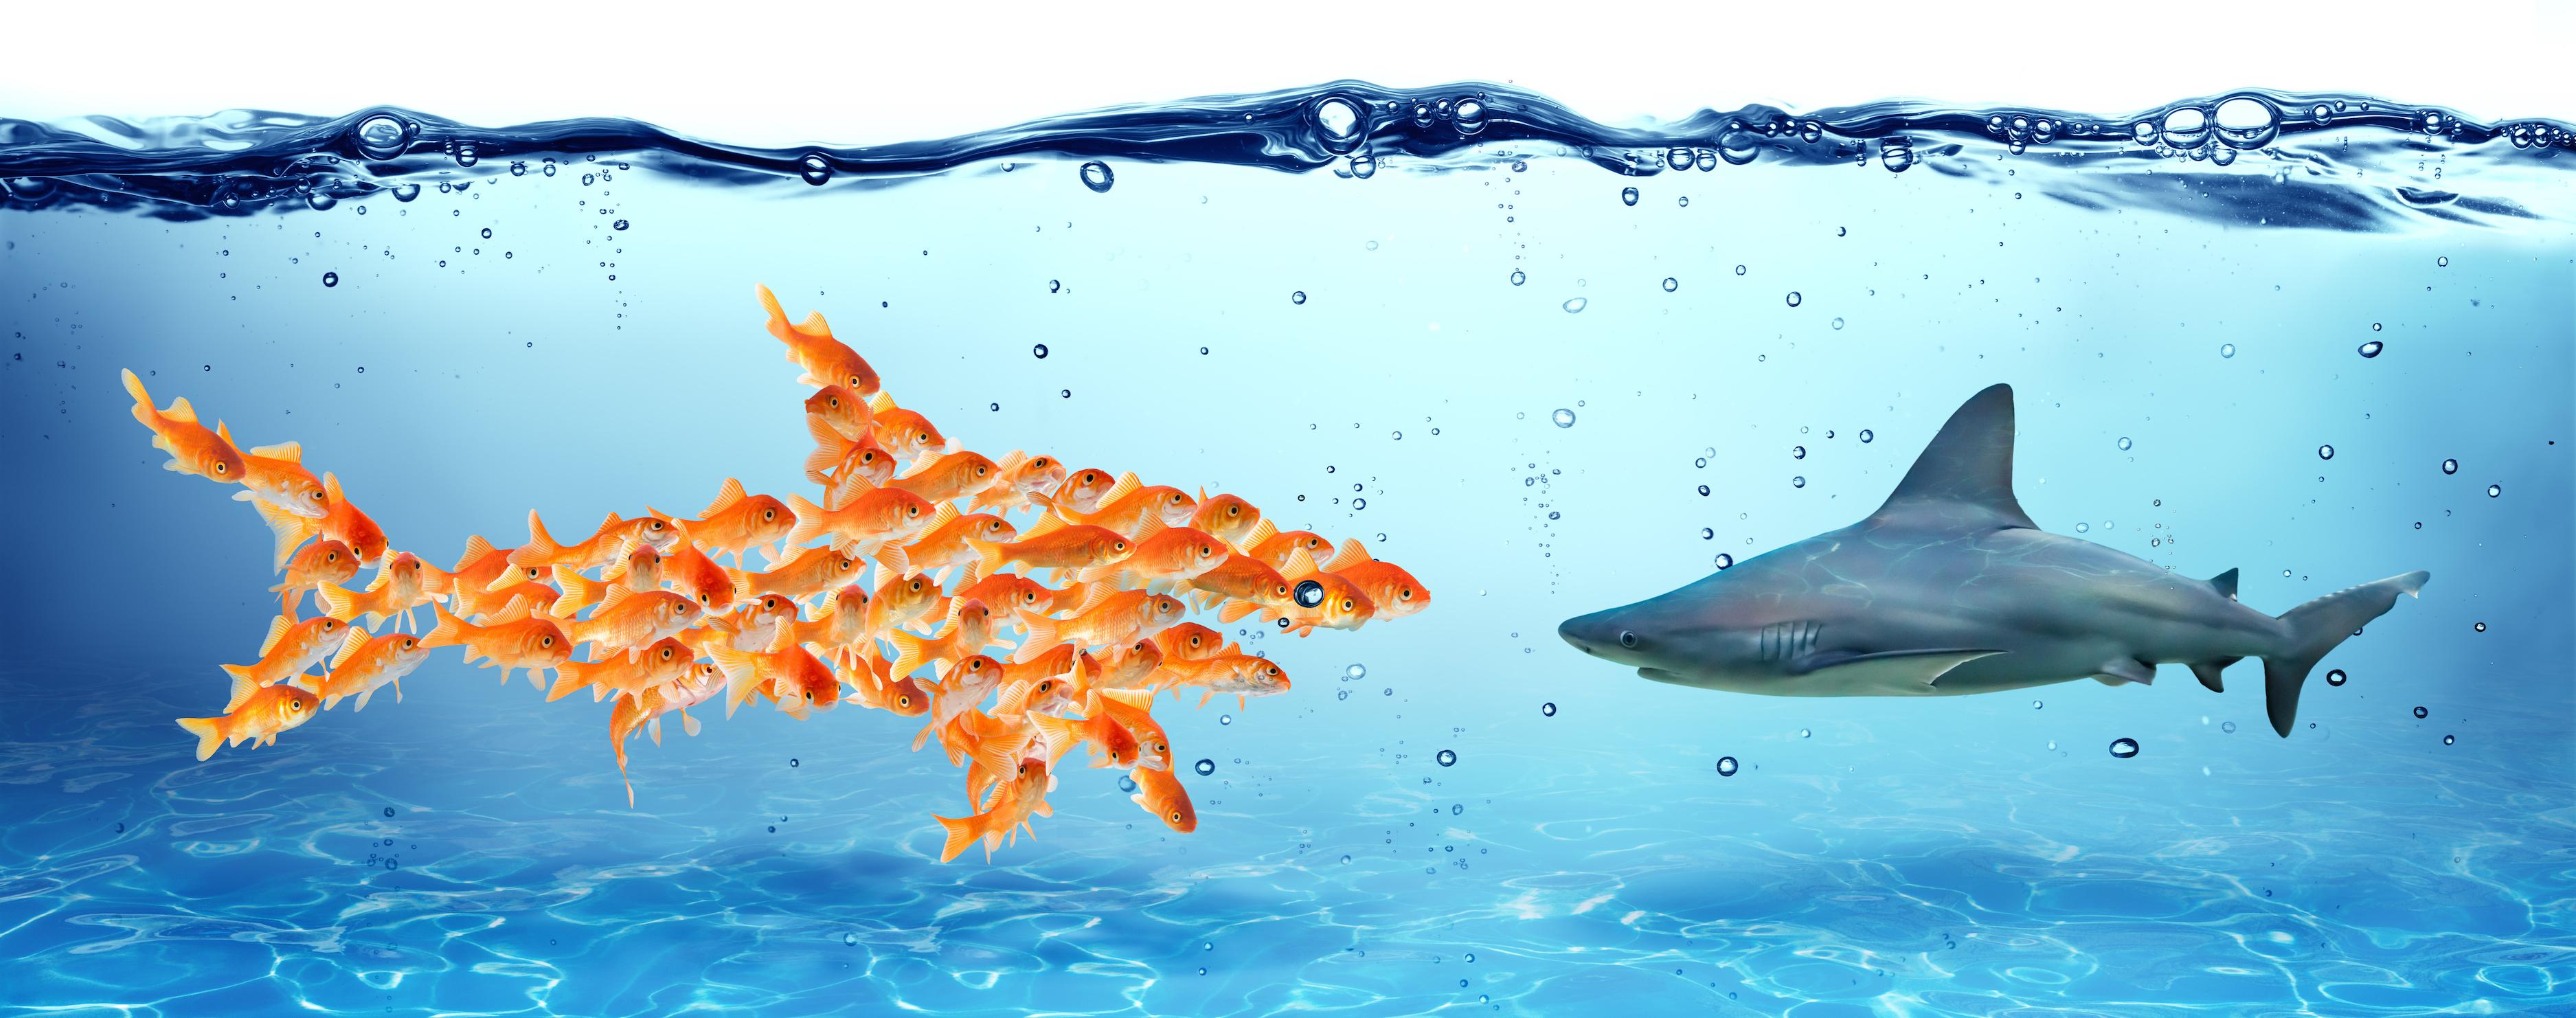 unity-is-strength_shark.jpg